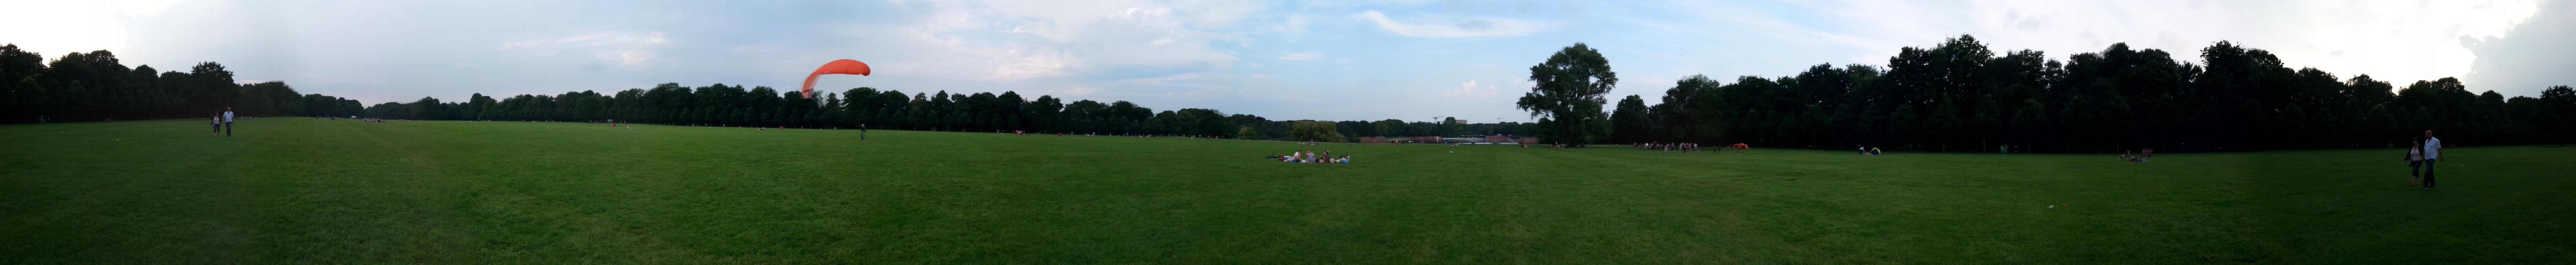 2015-08-30 18.16.43-Stadtpark-panorama